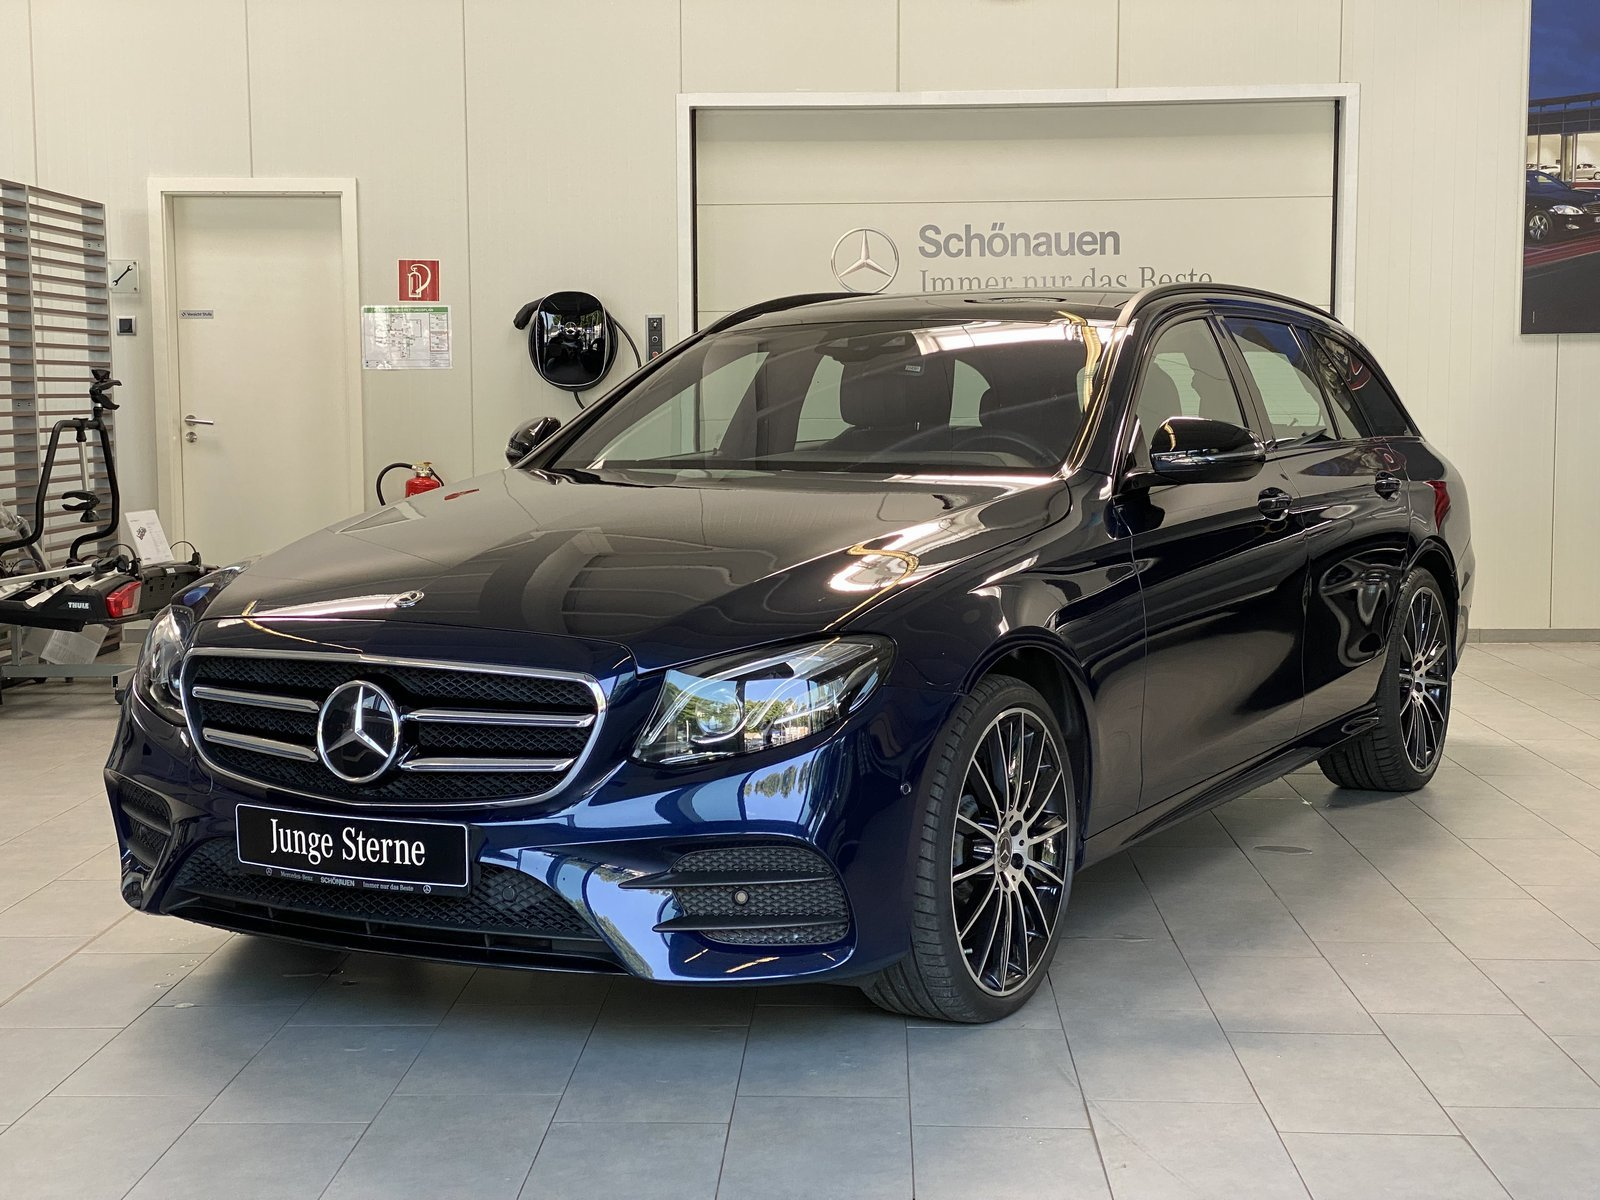 Mercedes-Benz E 400d 4M AMG+AIRBODY+PANO+BURMS+AHK+HUD+DAB+20, Jahr 2019, Diesel